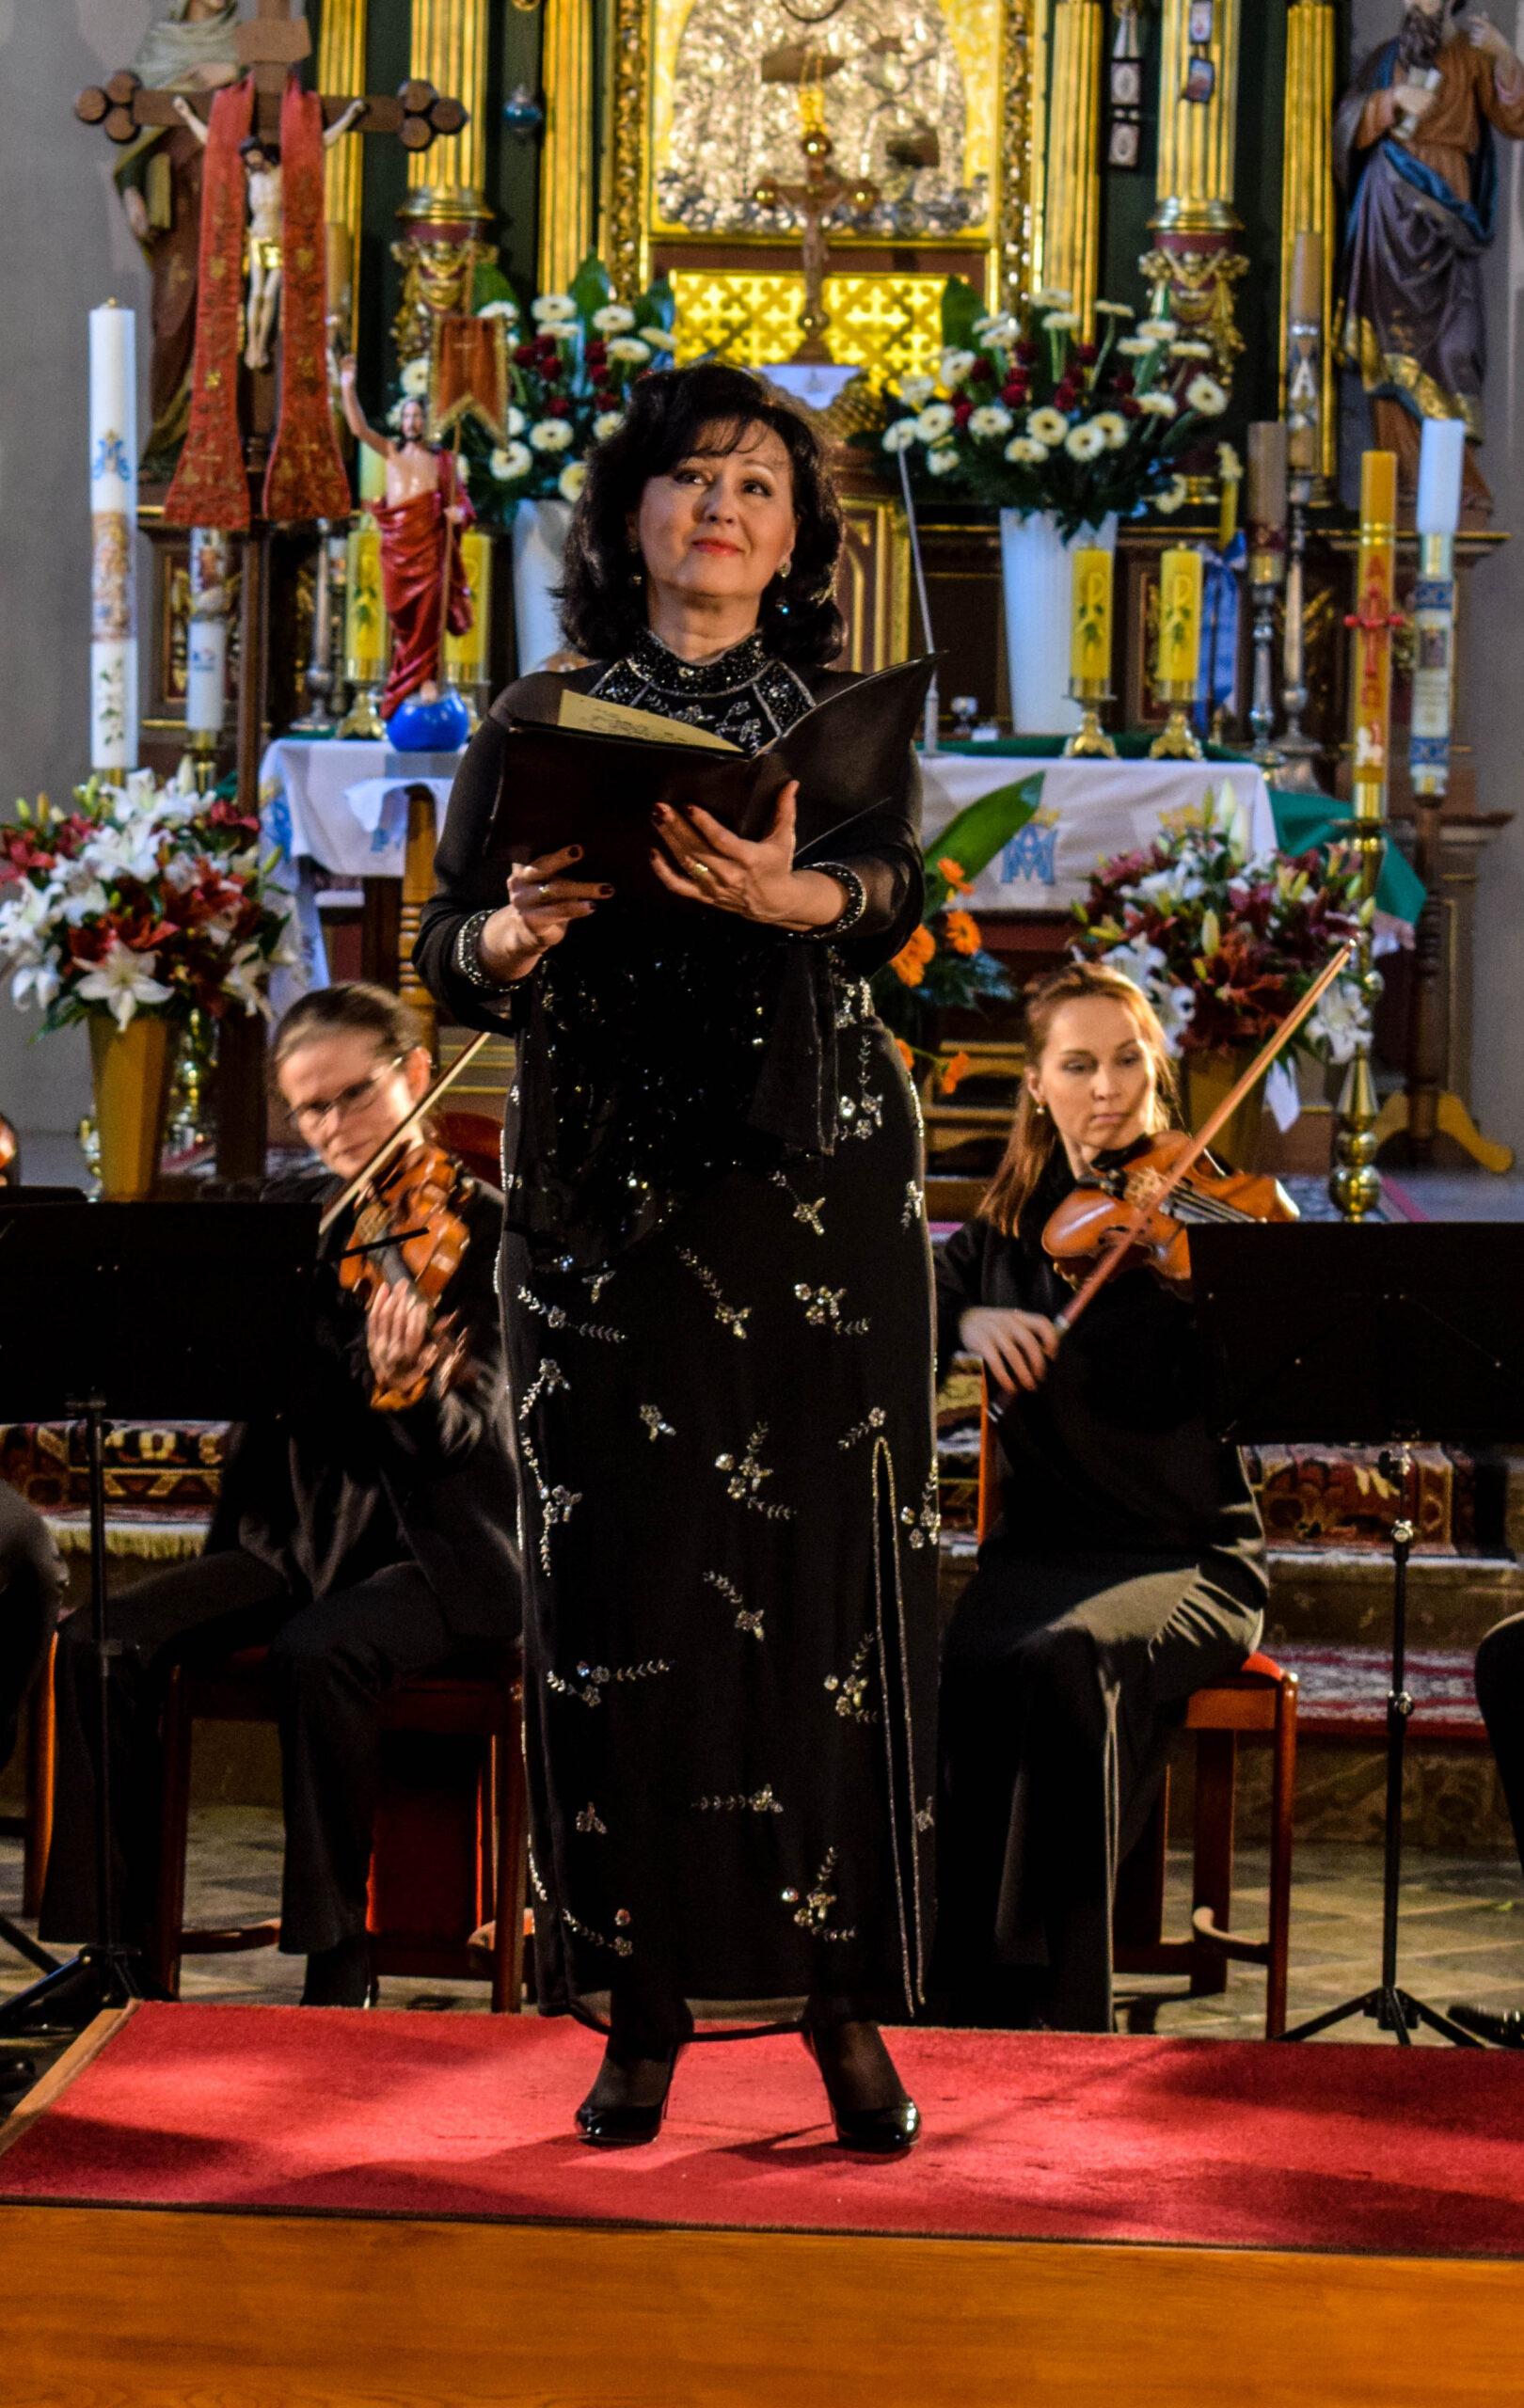 Koncert operowy w Borownie